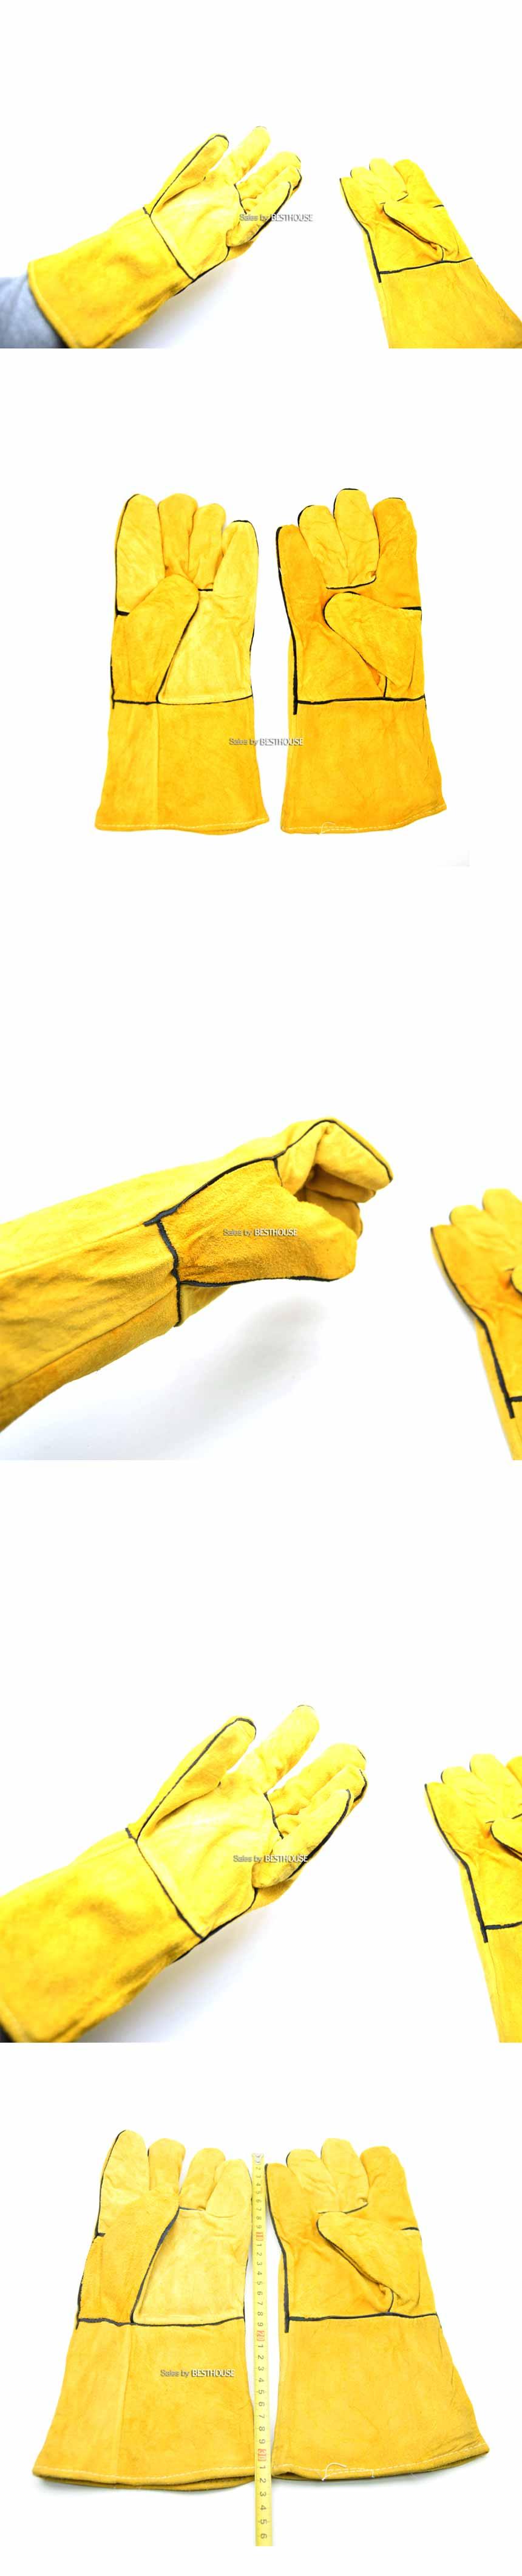 (목긴) 용접/선인장원예장갑 두꺼운 우피/FREE사이즈